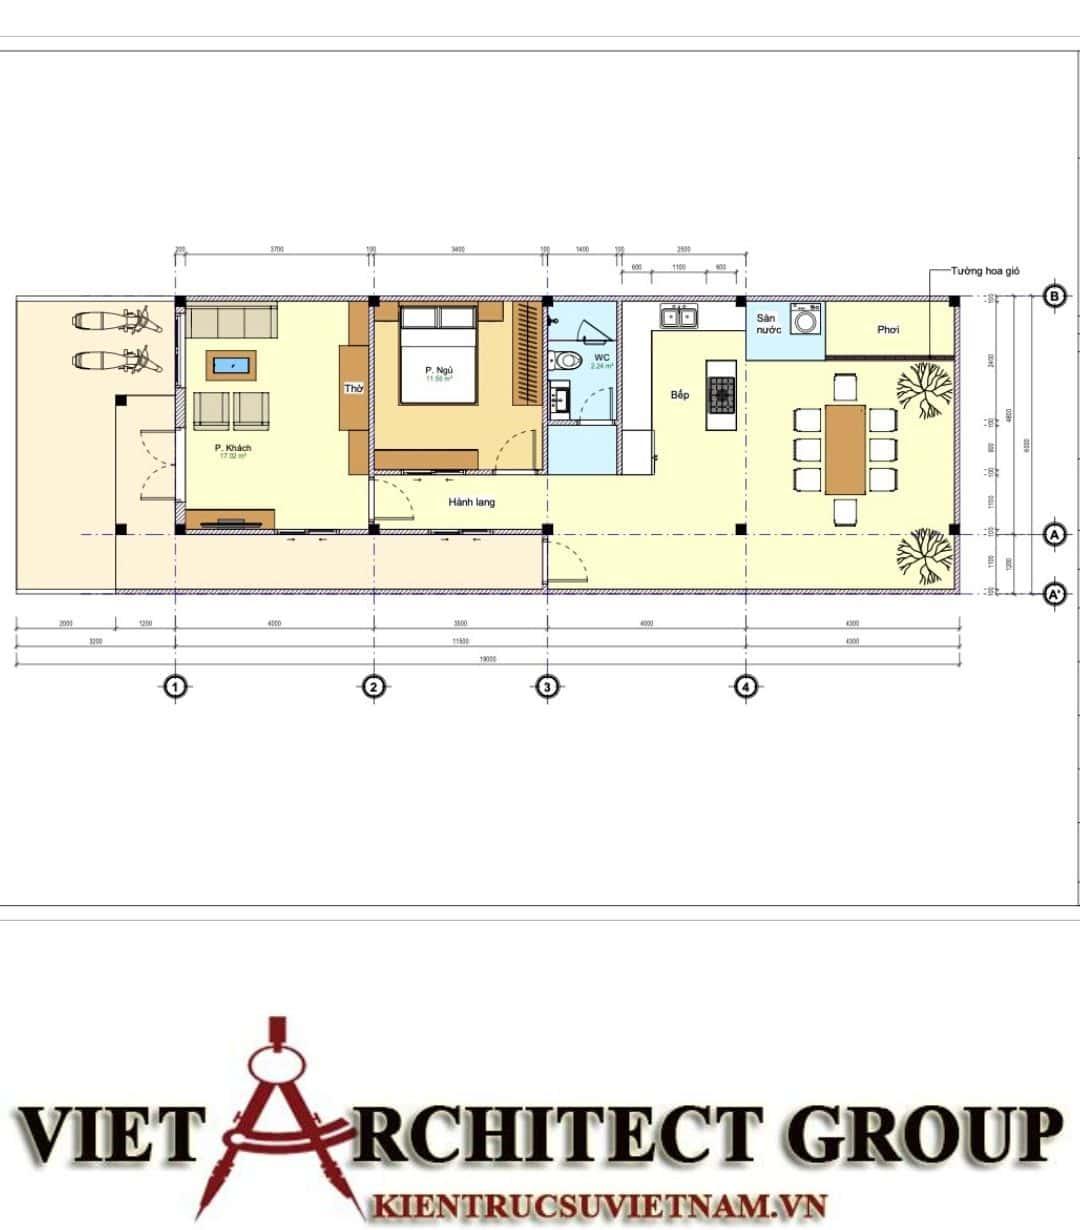 10 7 - Công trình nhà ở trệt mái thái diện tích 120m2 Mr Thi - Thủ Đức, TPHCM